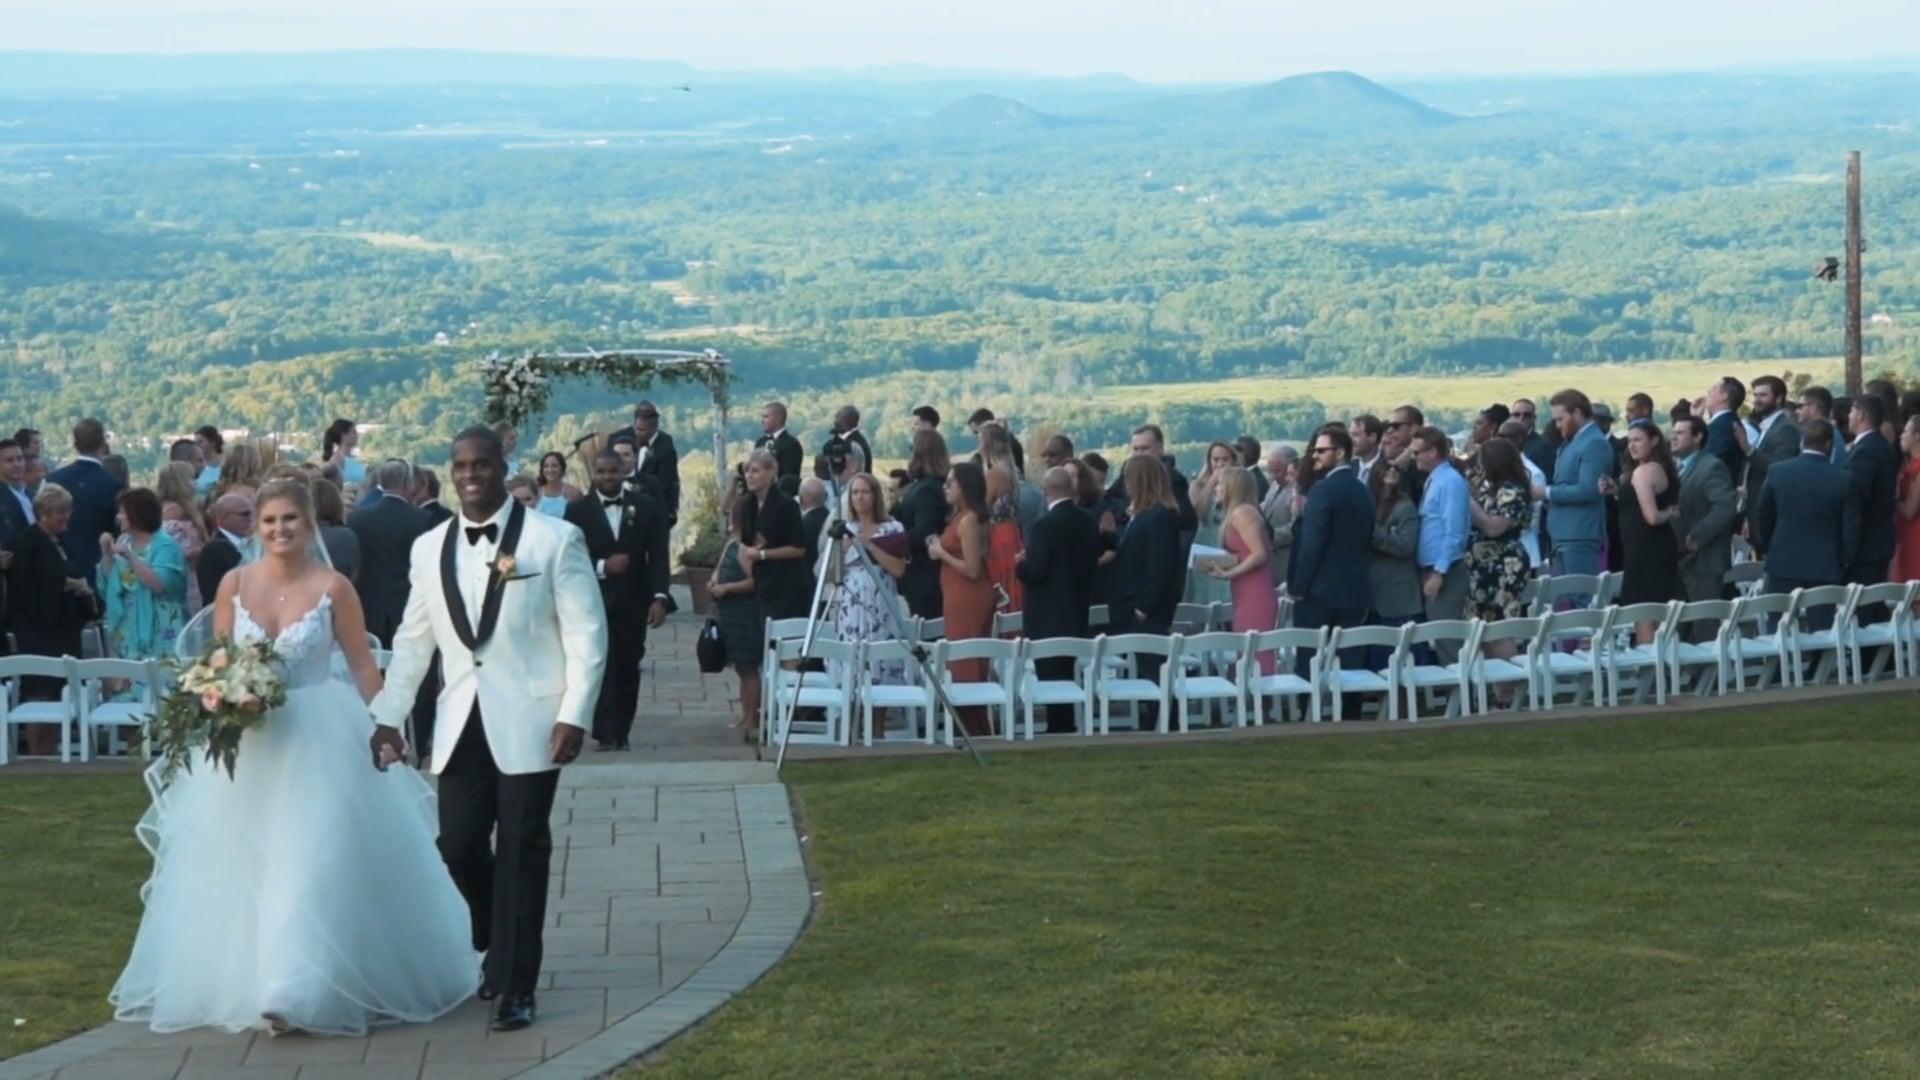 Darren & Morgan's Wedding